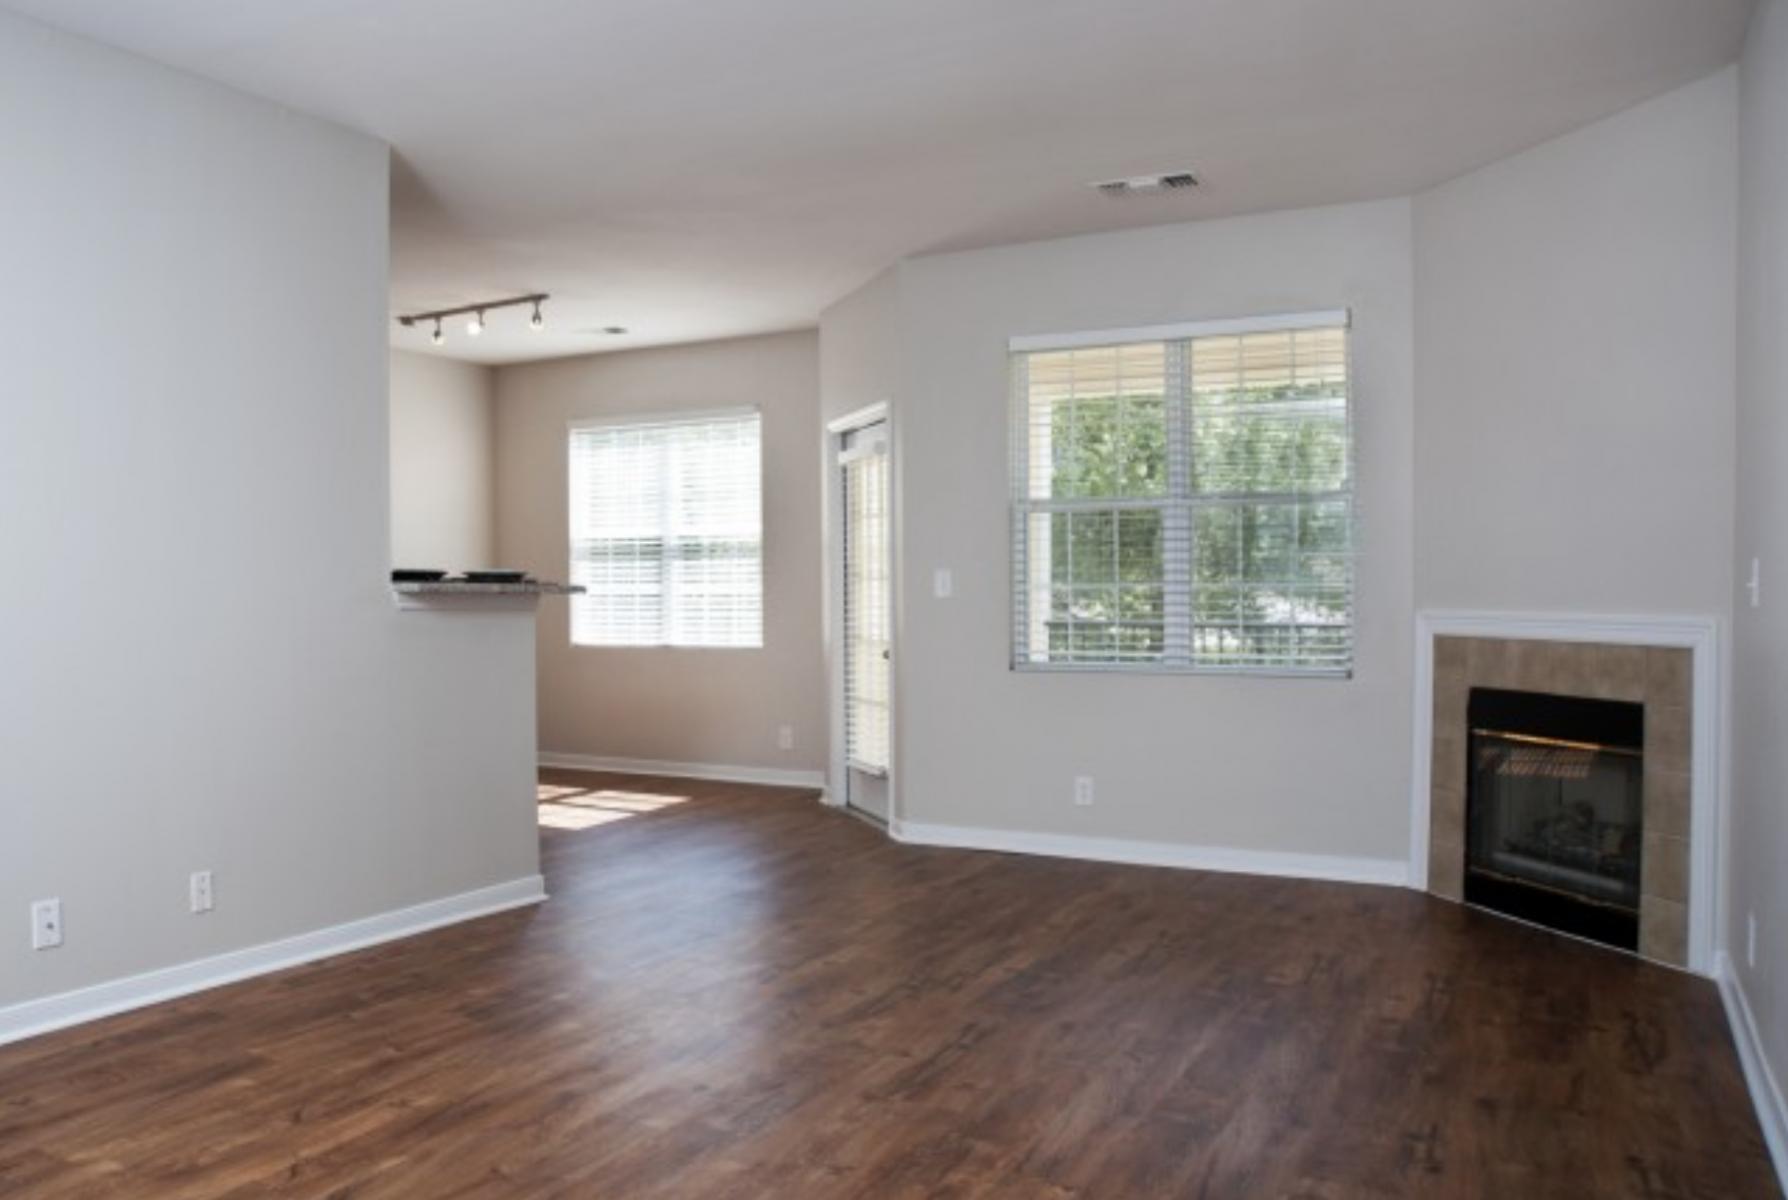 7 - Apt Living Room Area